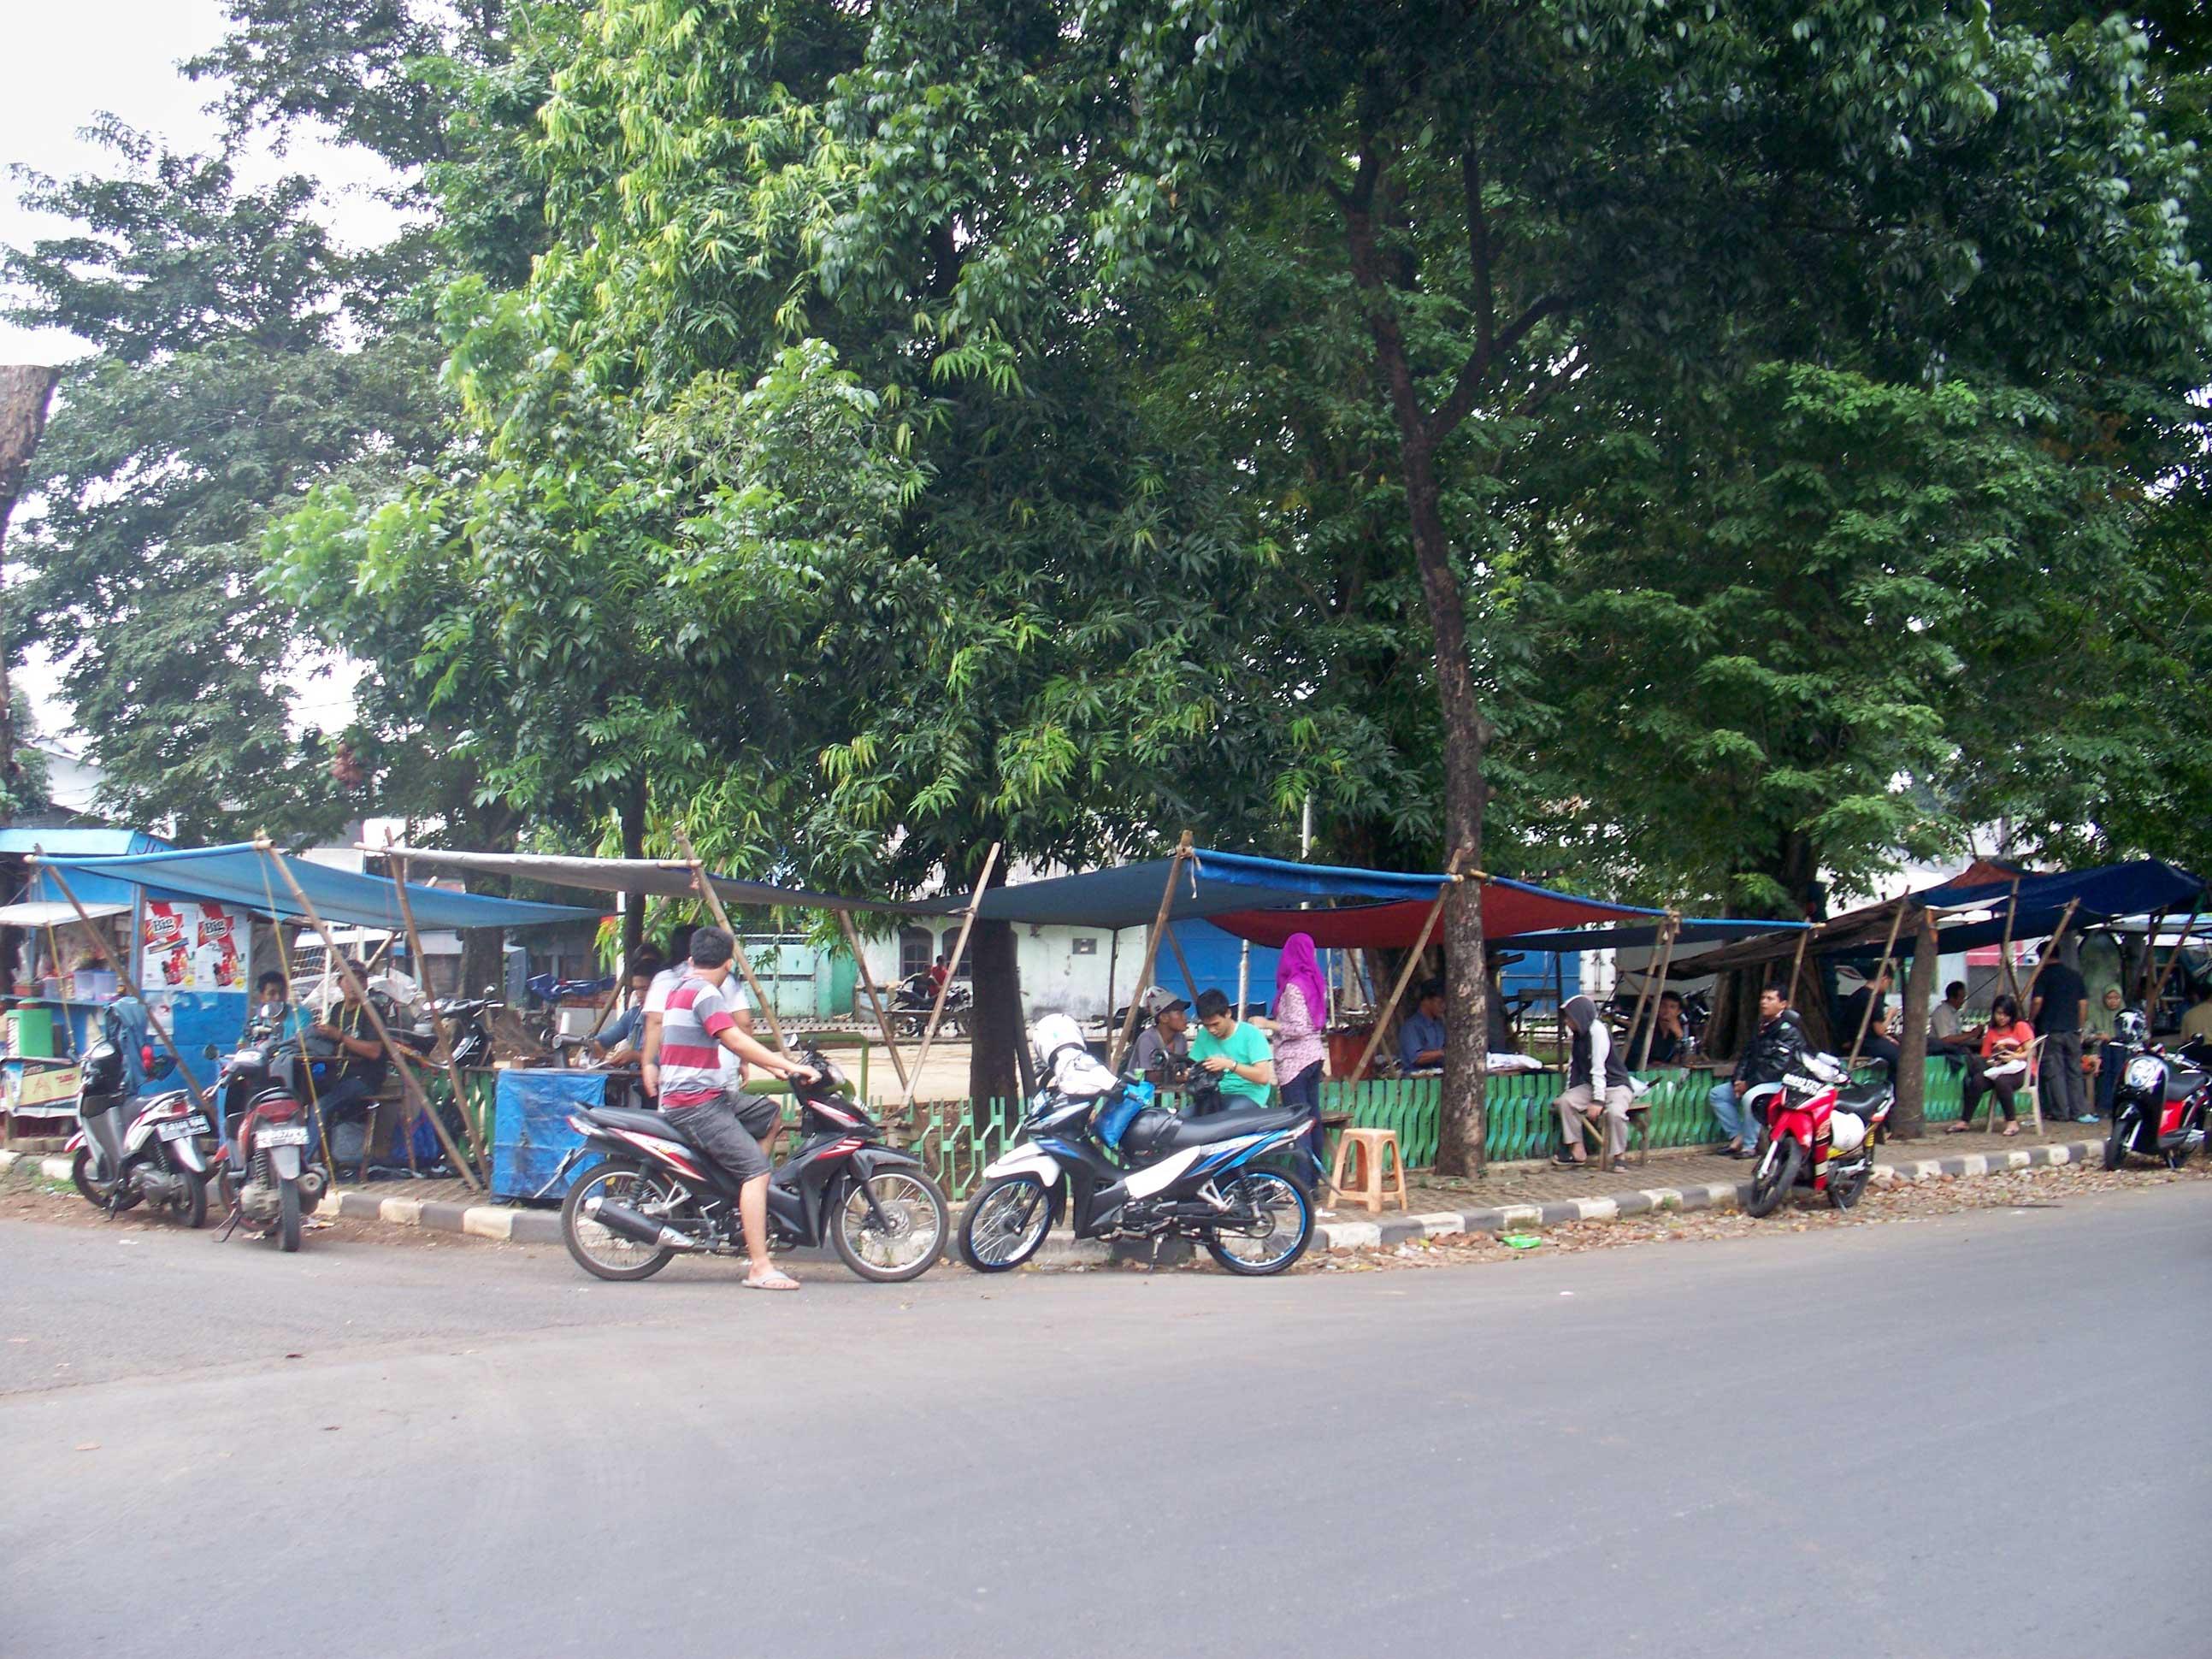 File:Menjahit Dibawah Pohon Rindang - panoramio.jpg